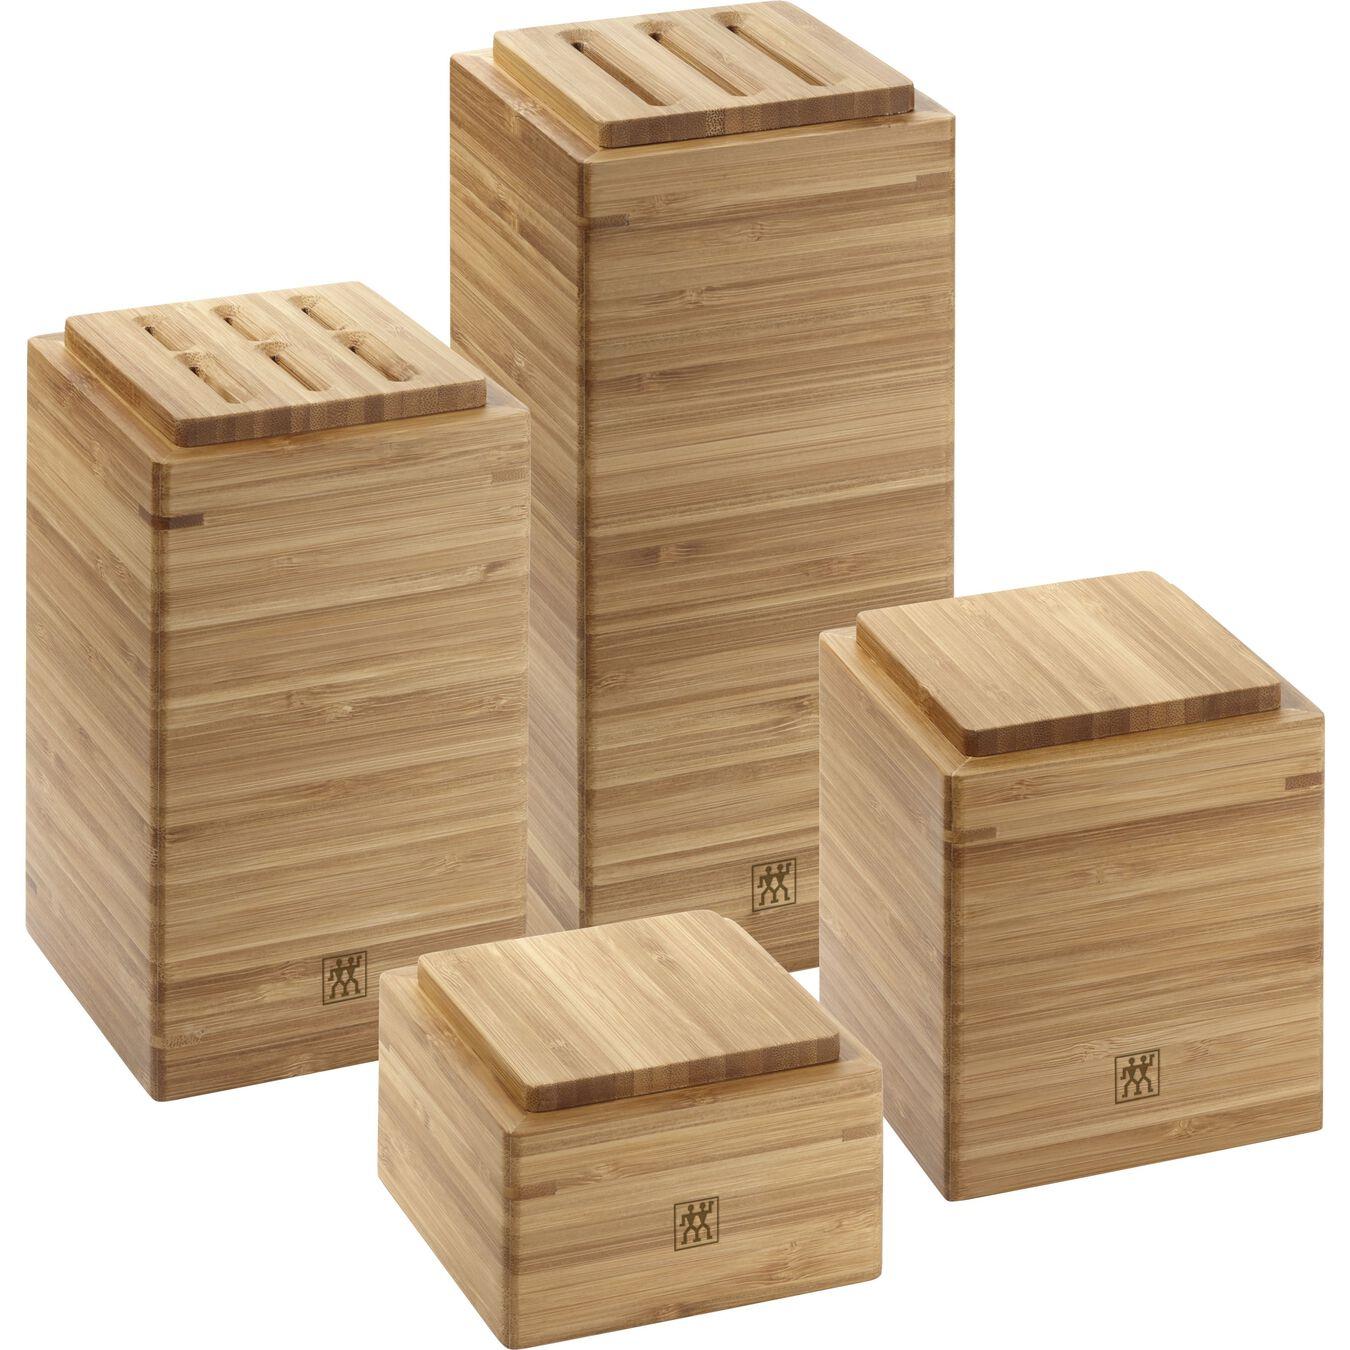 Boîtes, 4-pcs | Bambou | Carré(e),,large 1